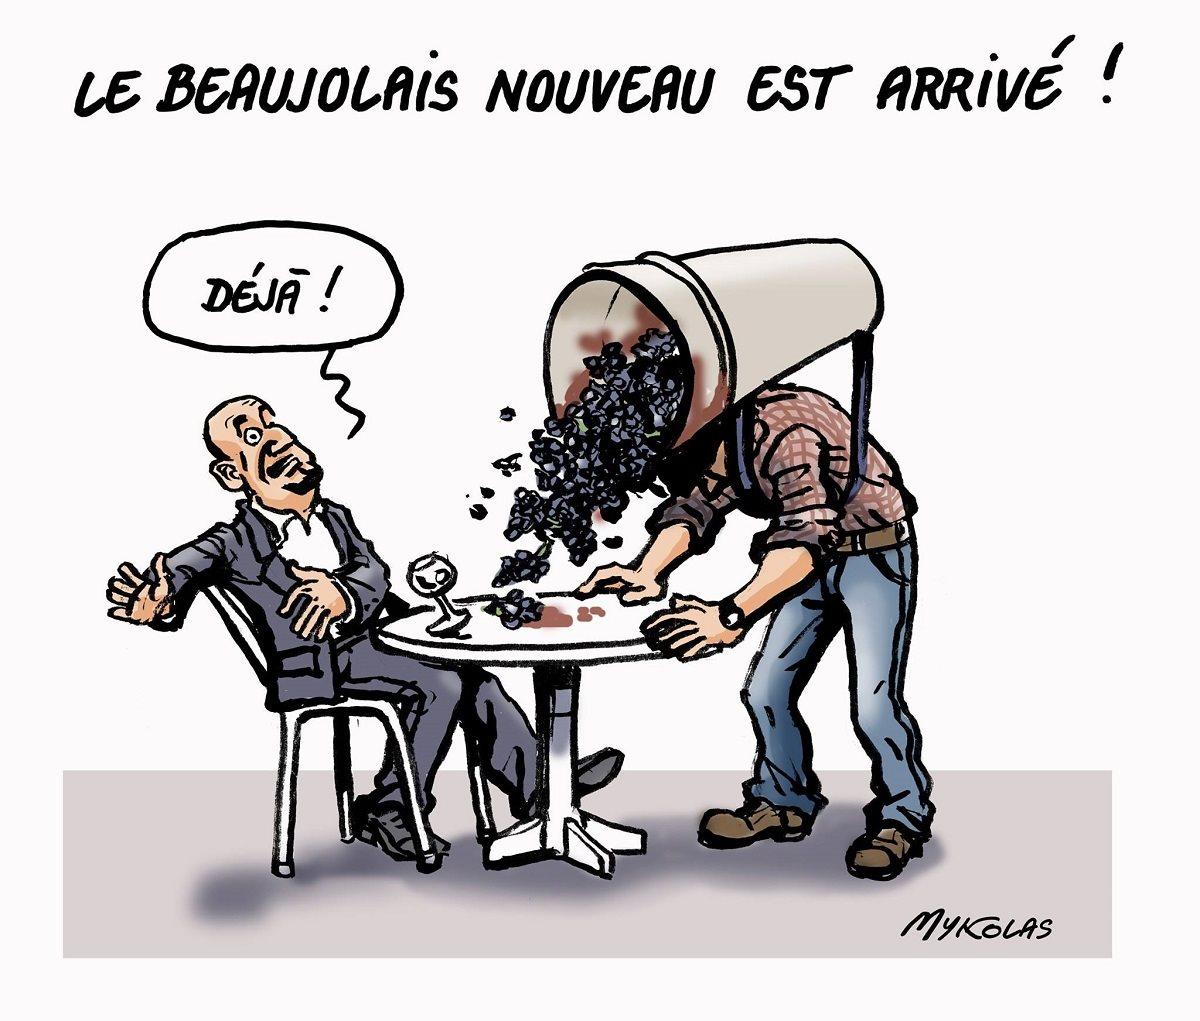 dessin humoristique d'un client à un bar devant lequel un viticulteur vide une vendage de Beaujolais nouveau